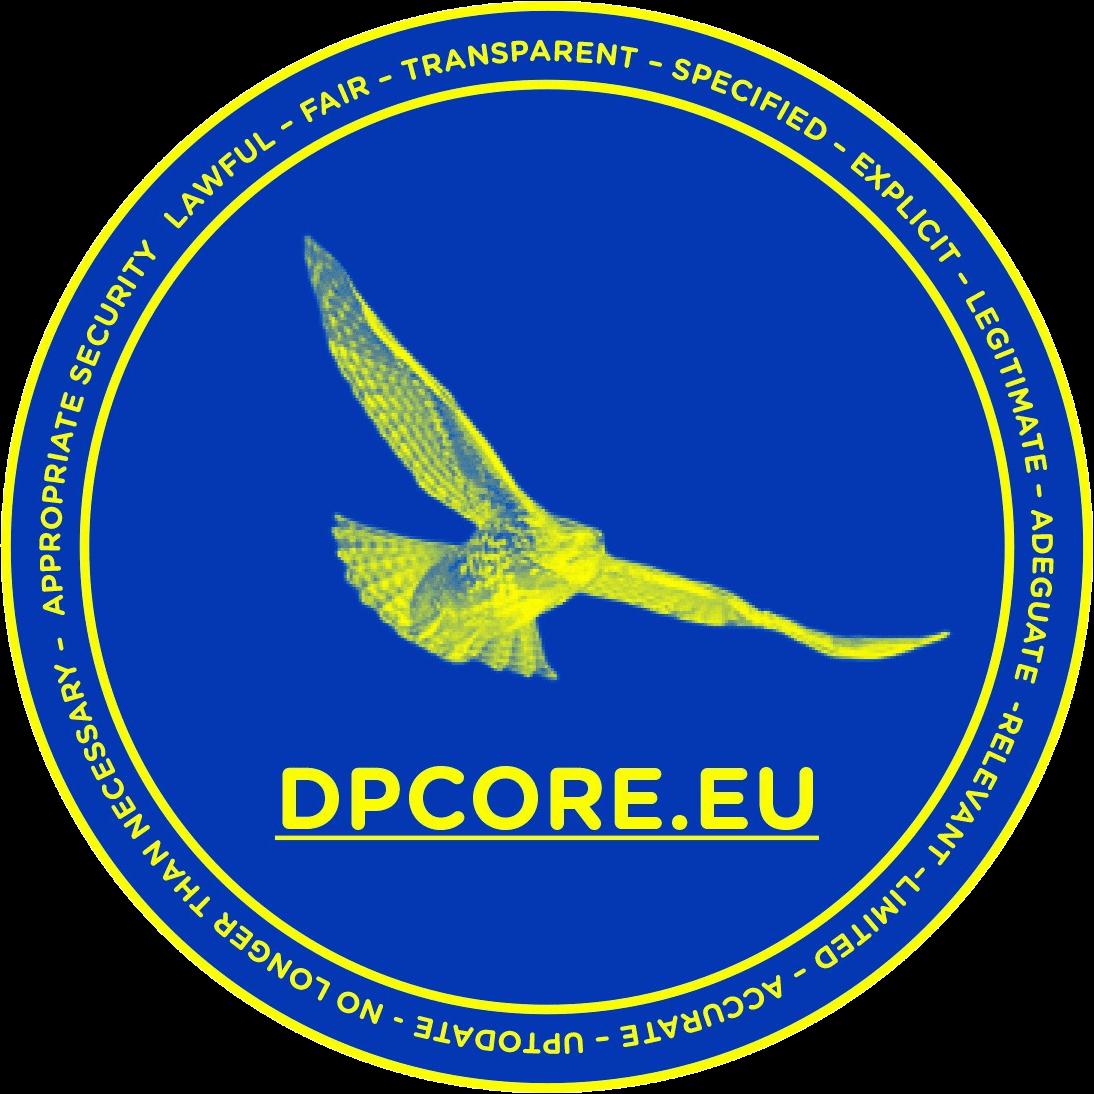 DPCORE.EU